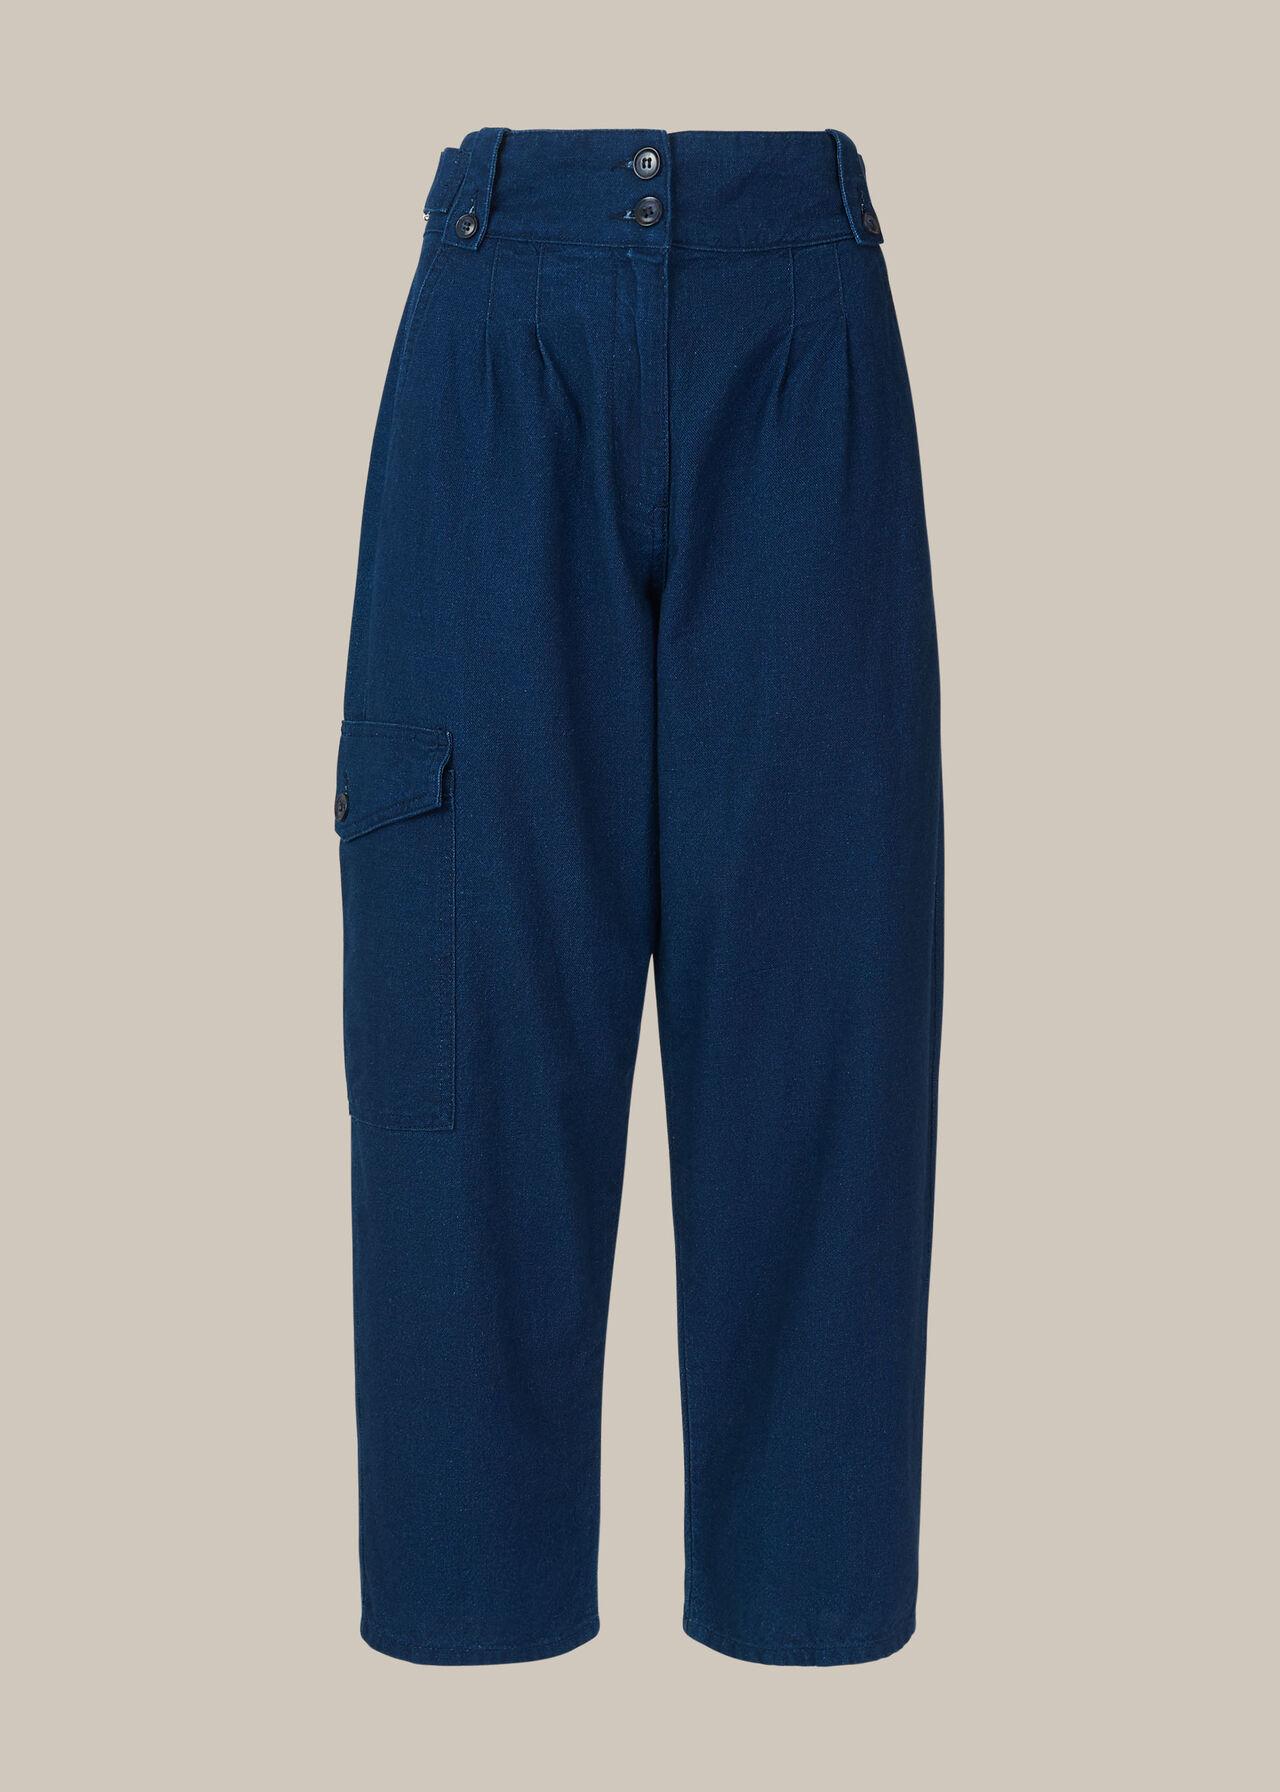 Indigo Cargo Trouser